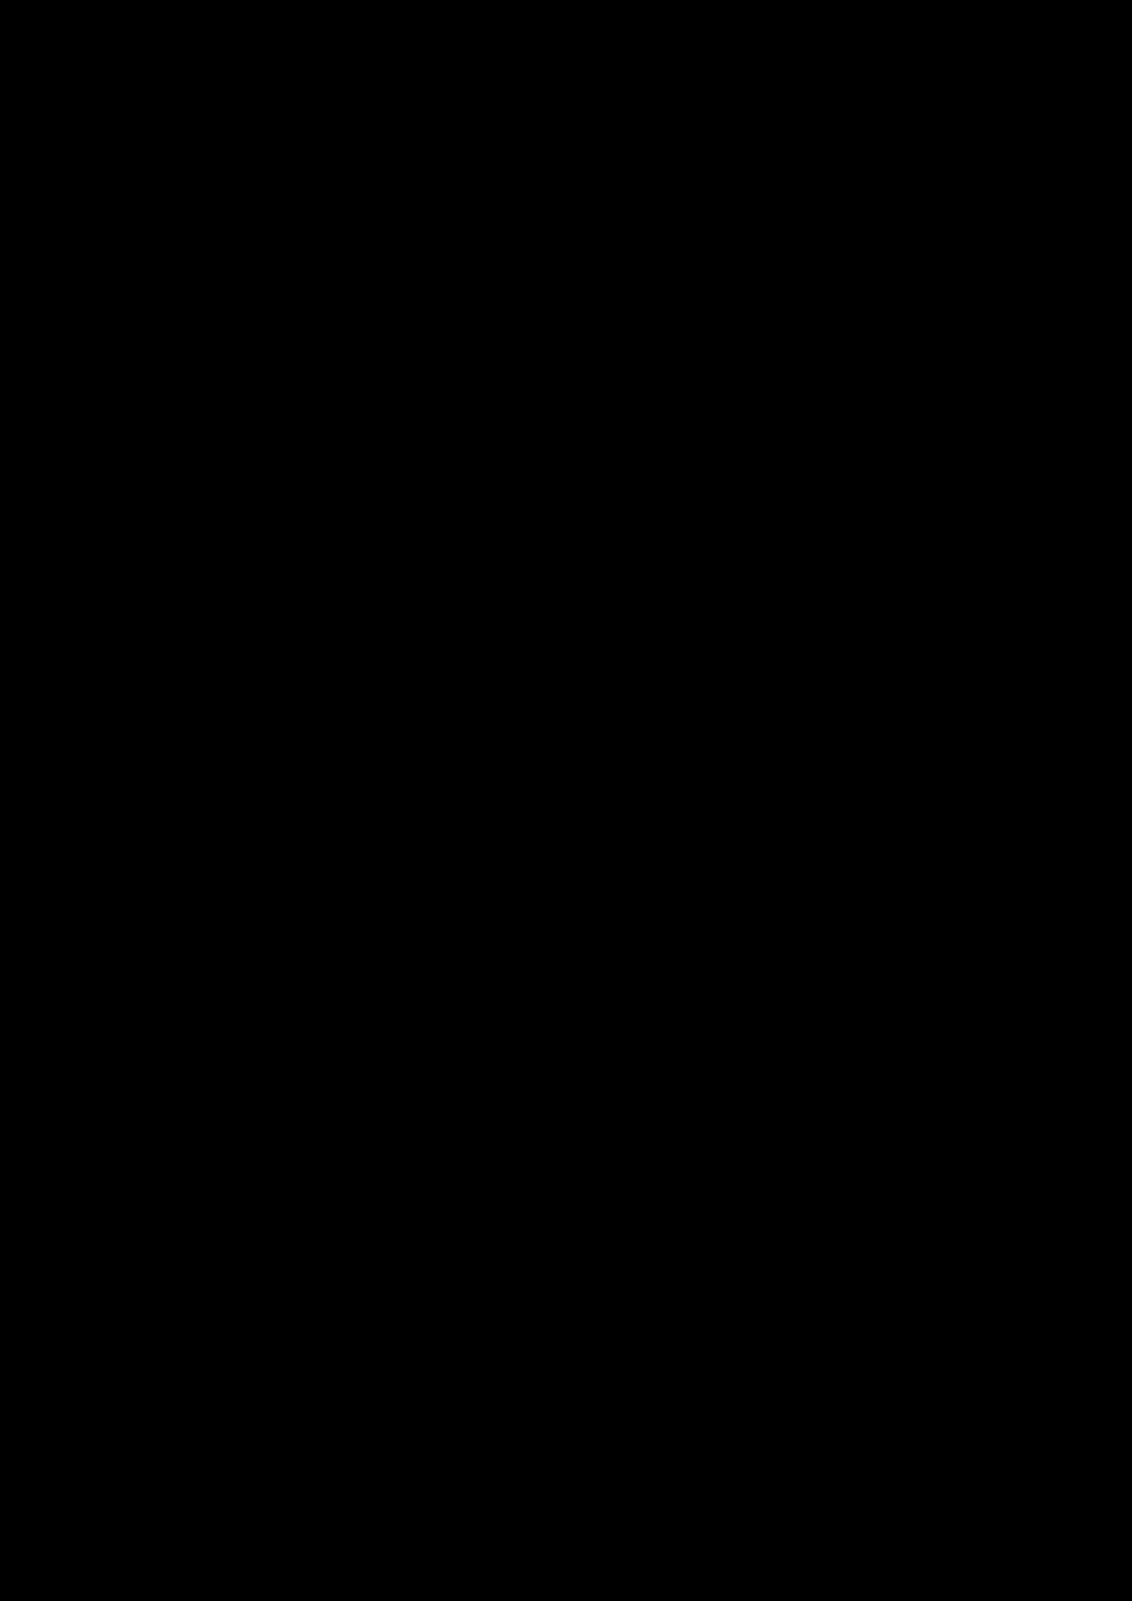 Proschanie s volshebnoy stranoy slide, Image 77